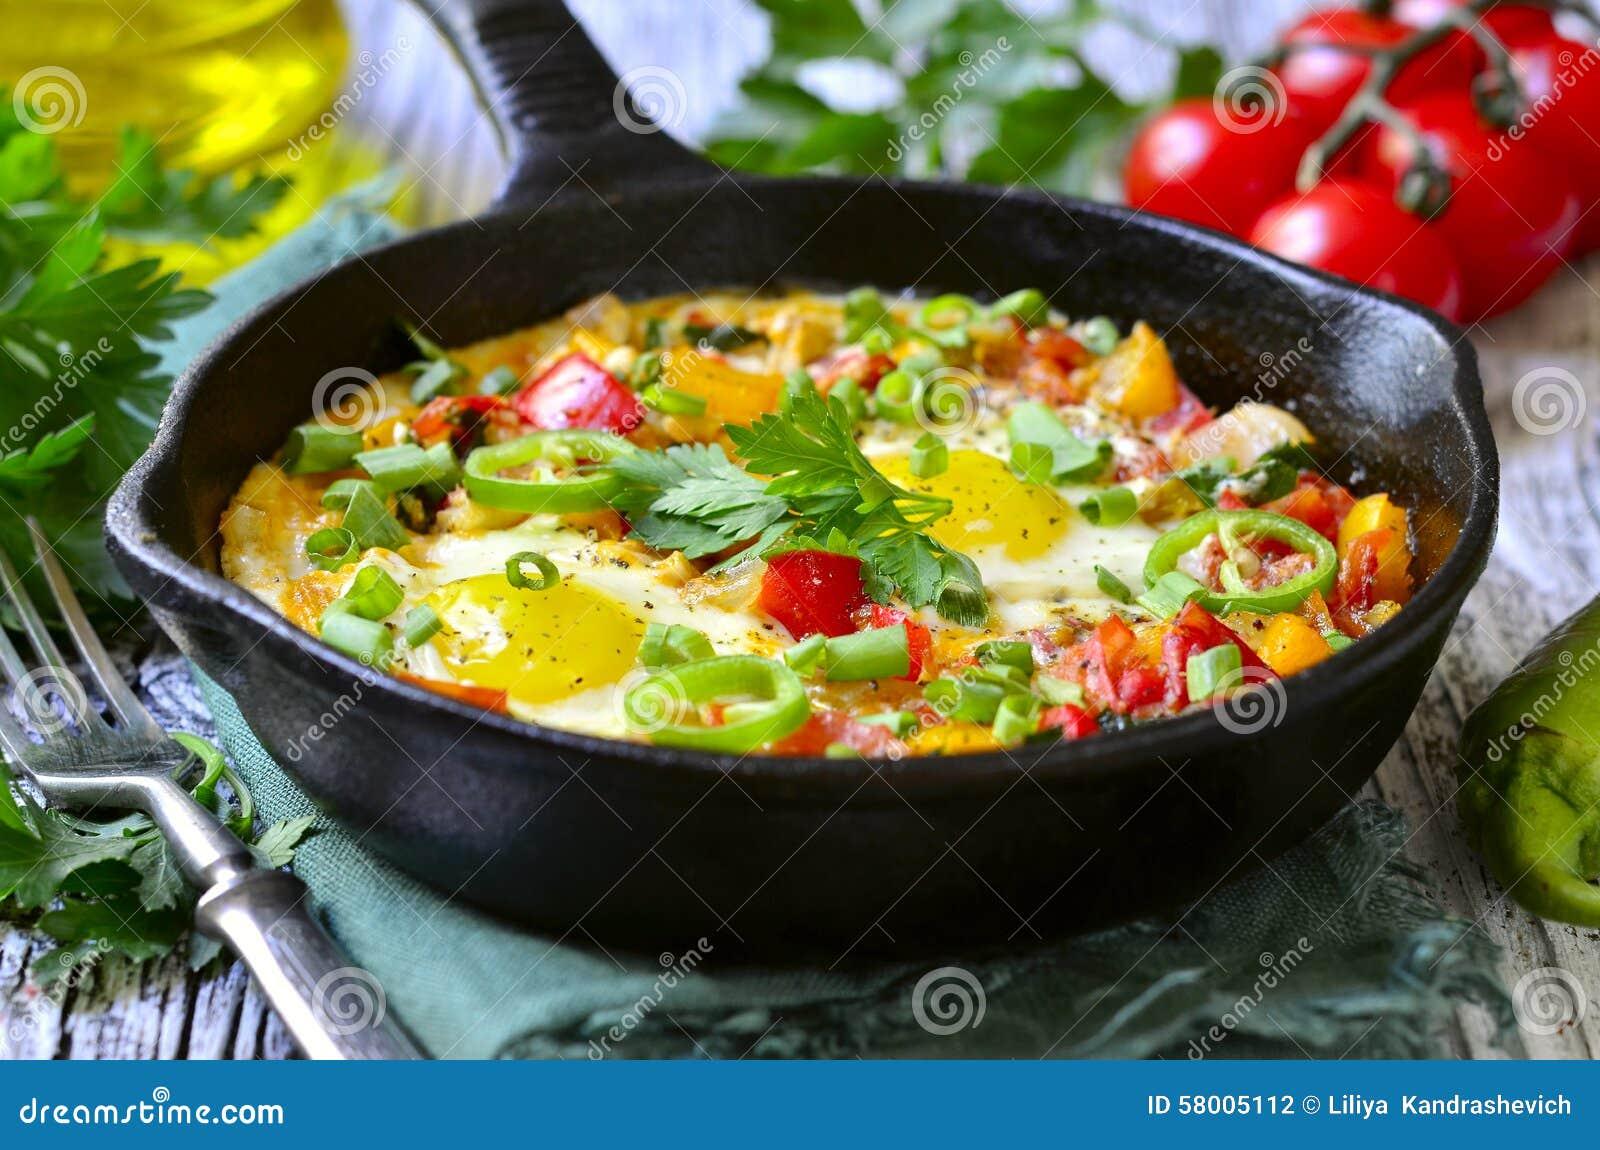 shakshuka plat traditionnel de cuisine isra lienne photo stock image 58005112. Black Bedroom Furniture Sets. Home Design Ideas